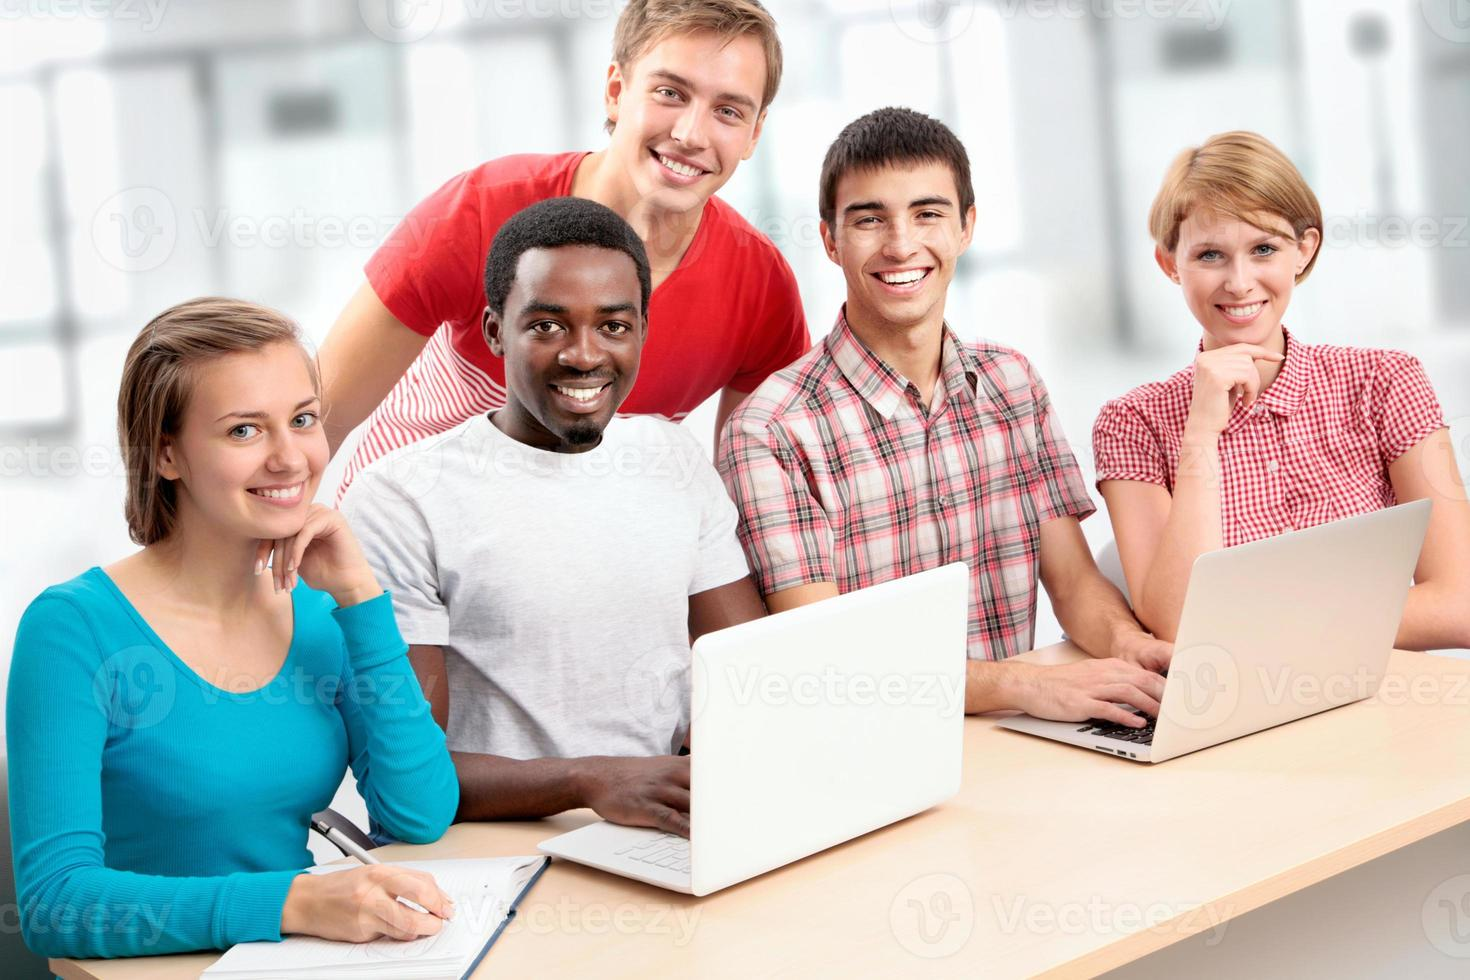 groupe de jeunes étudiants photo